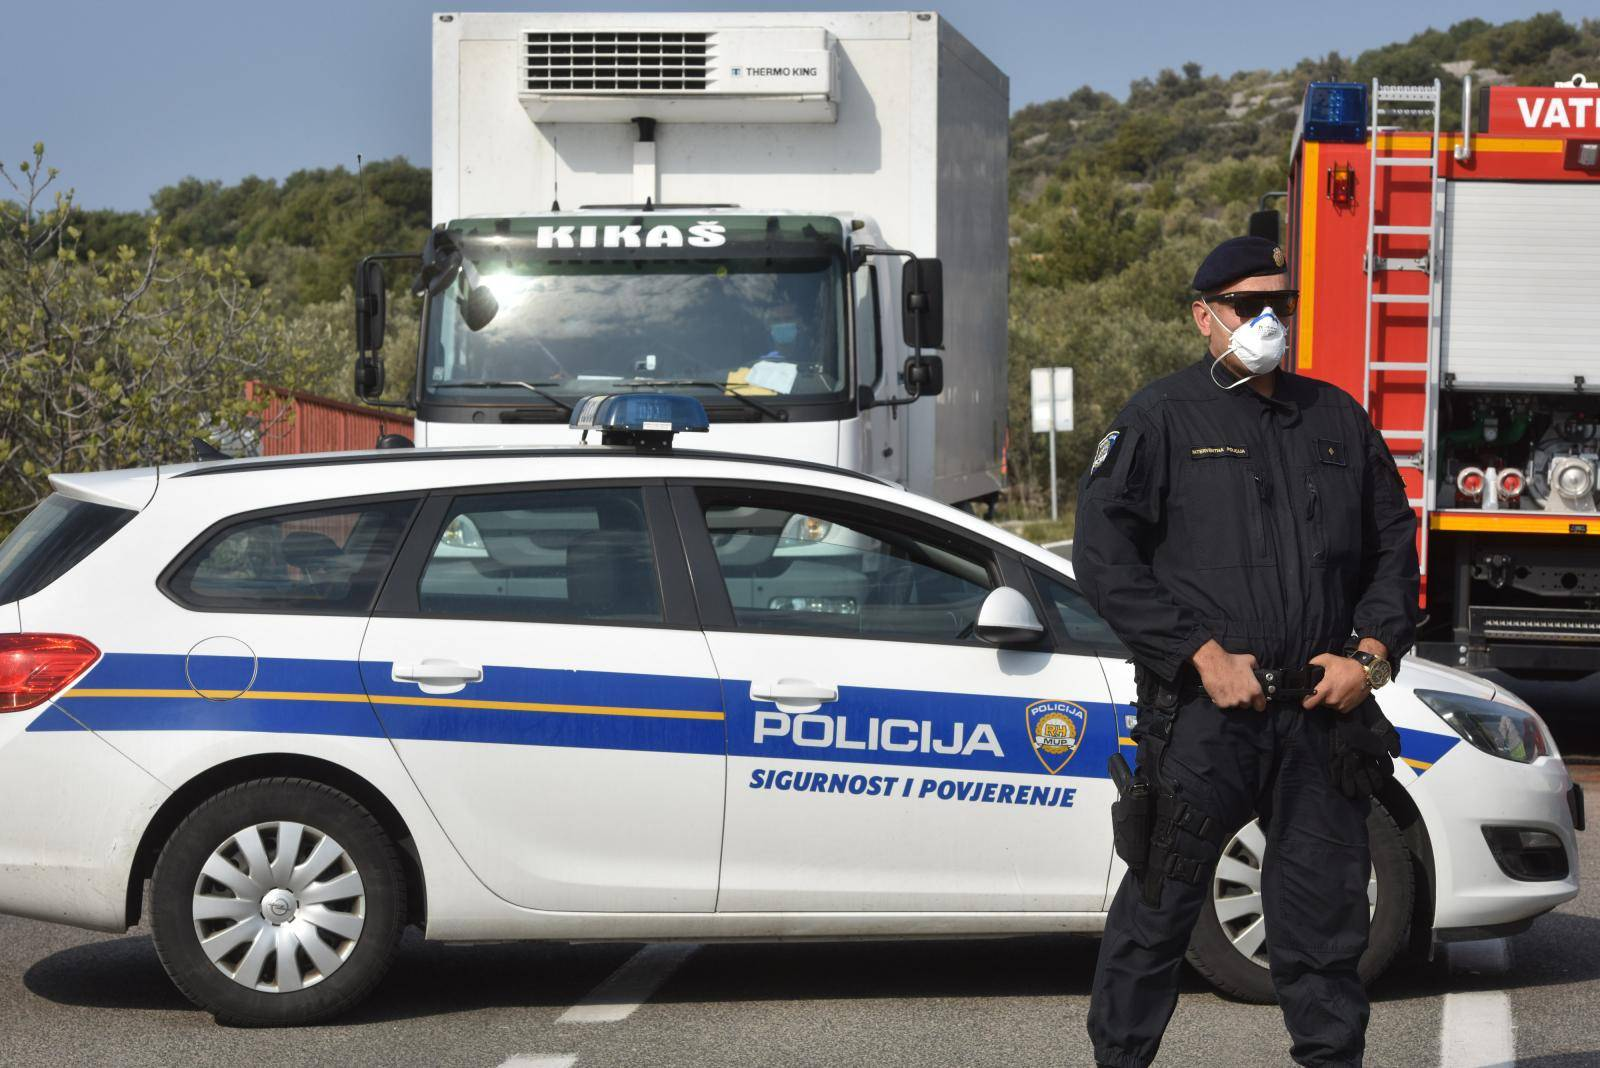 Murter i Betina stavljeni u karantenu, policija na ulazu provjerava vozila